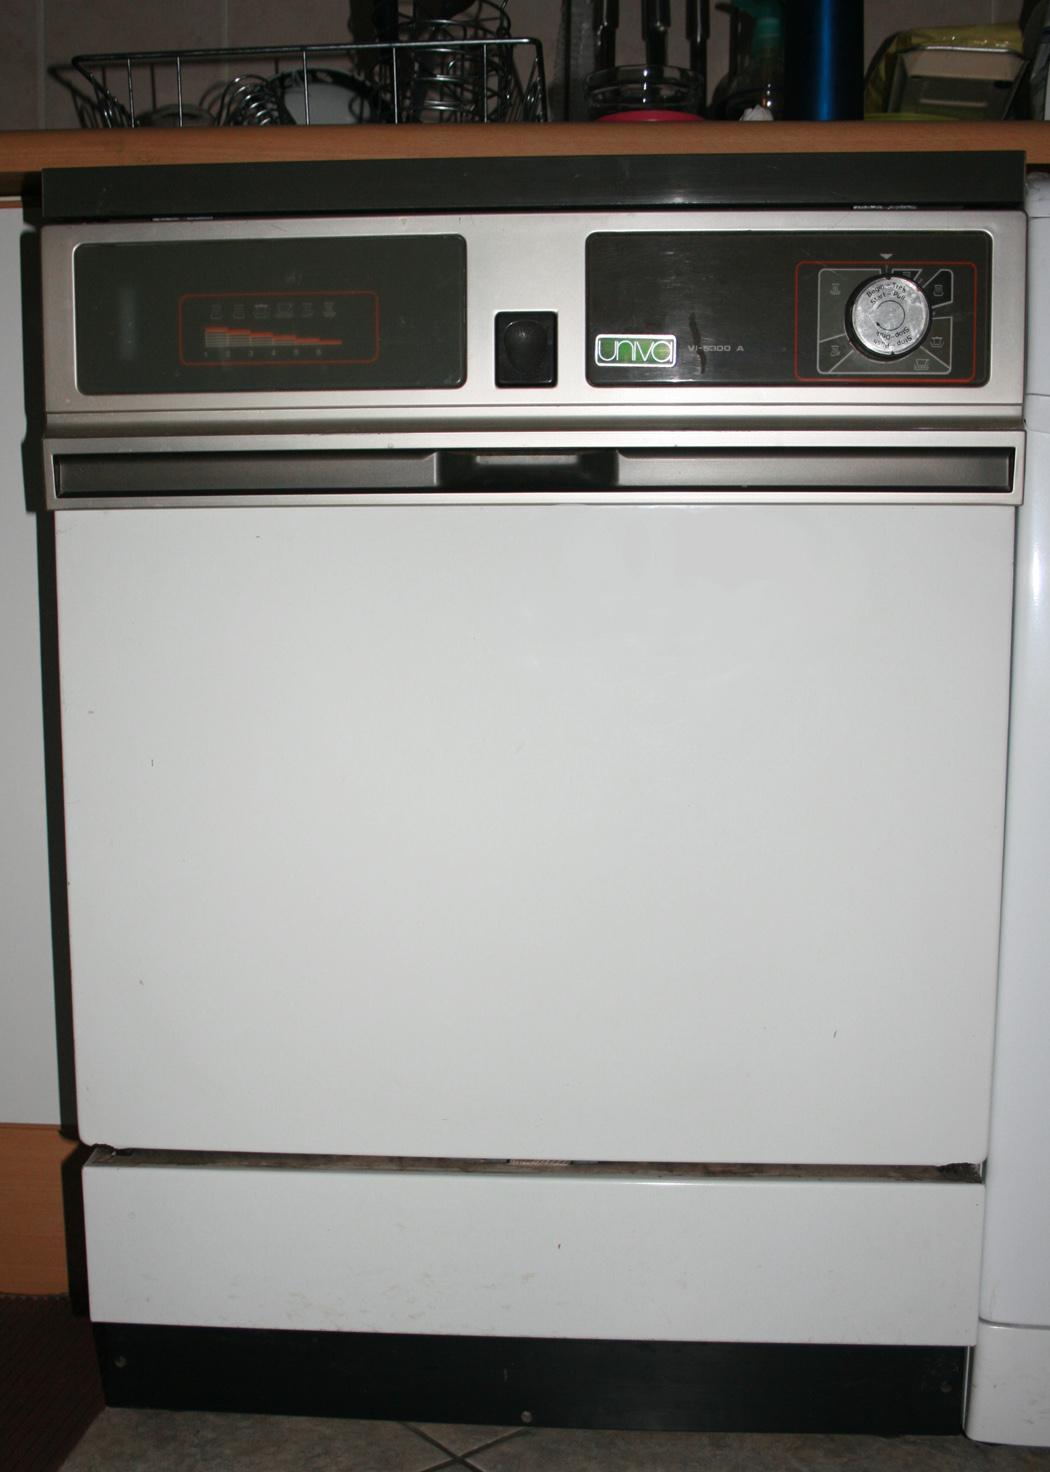 univa dishwasher